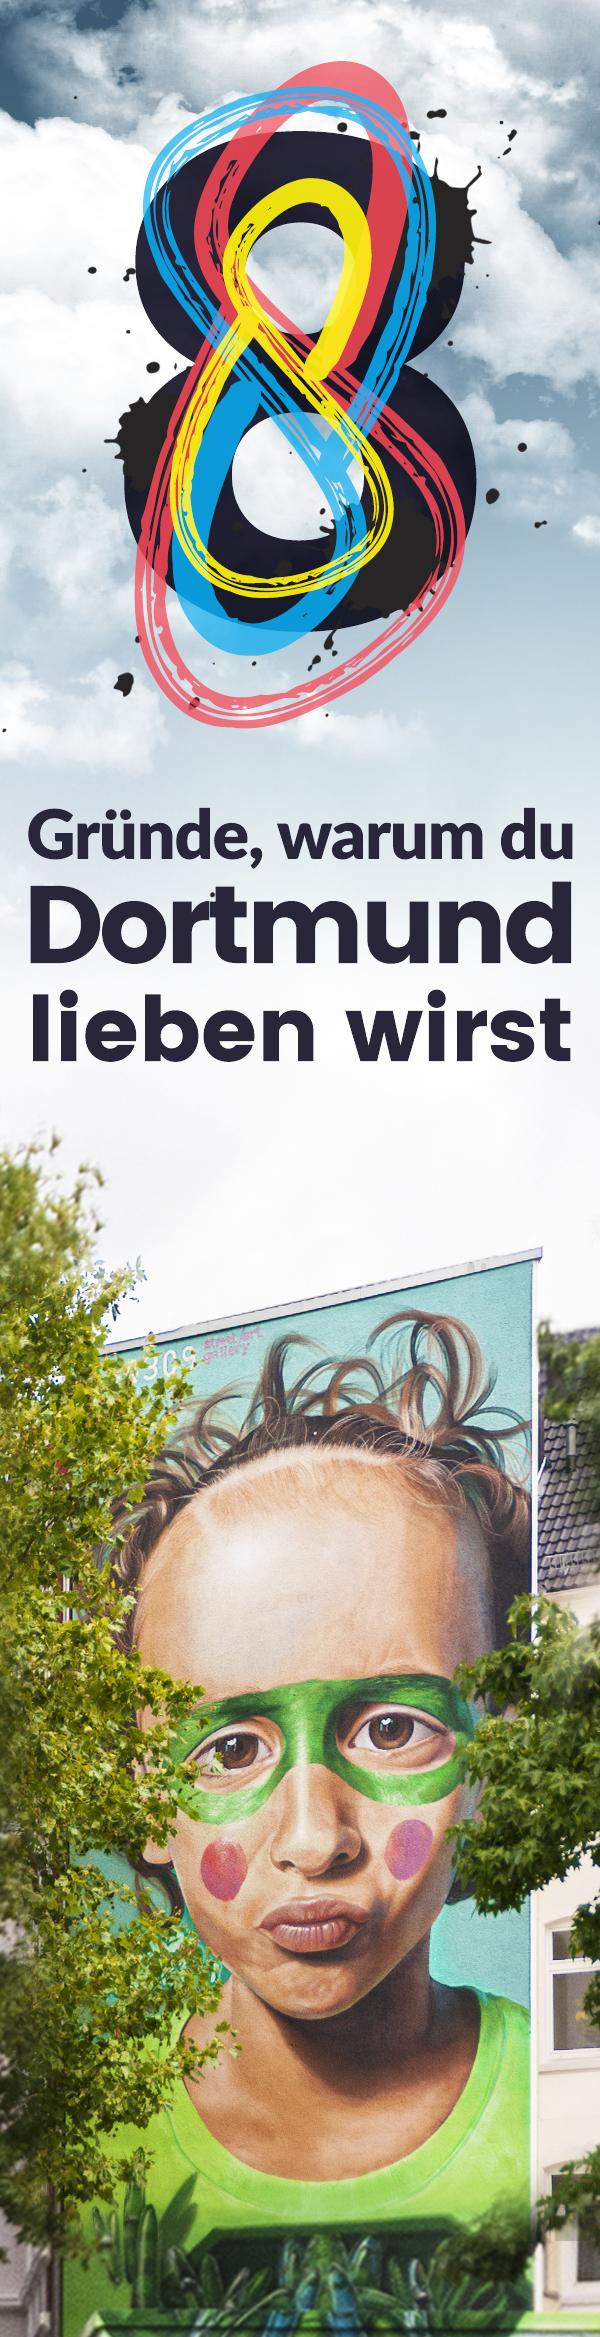 Dortmund ist nicht mehr nur Bier, Fußball und Kohle! Dennoch ein weitläufiger Irrglaube der sich (noch) hartnäckig hält. Wir zeigen Dir was diese Stadt herzlich, liebenswert und wirklich schön macht.